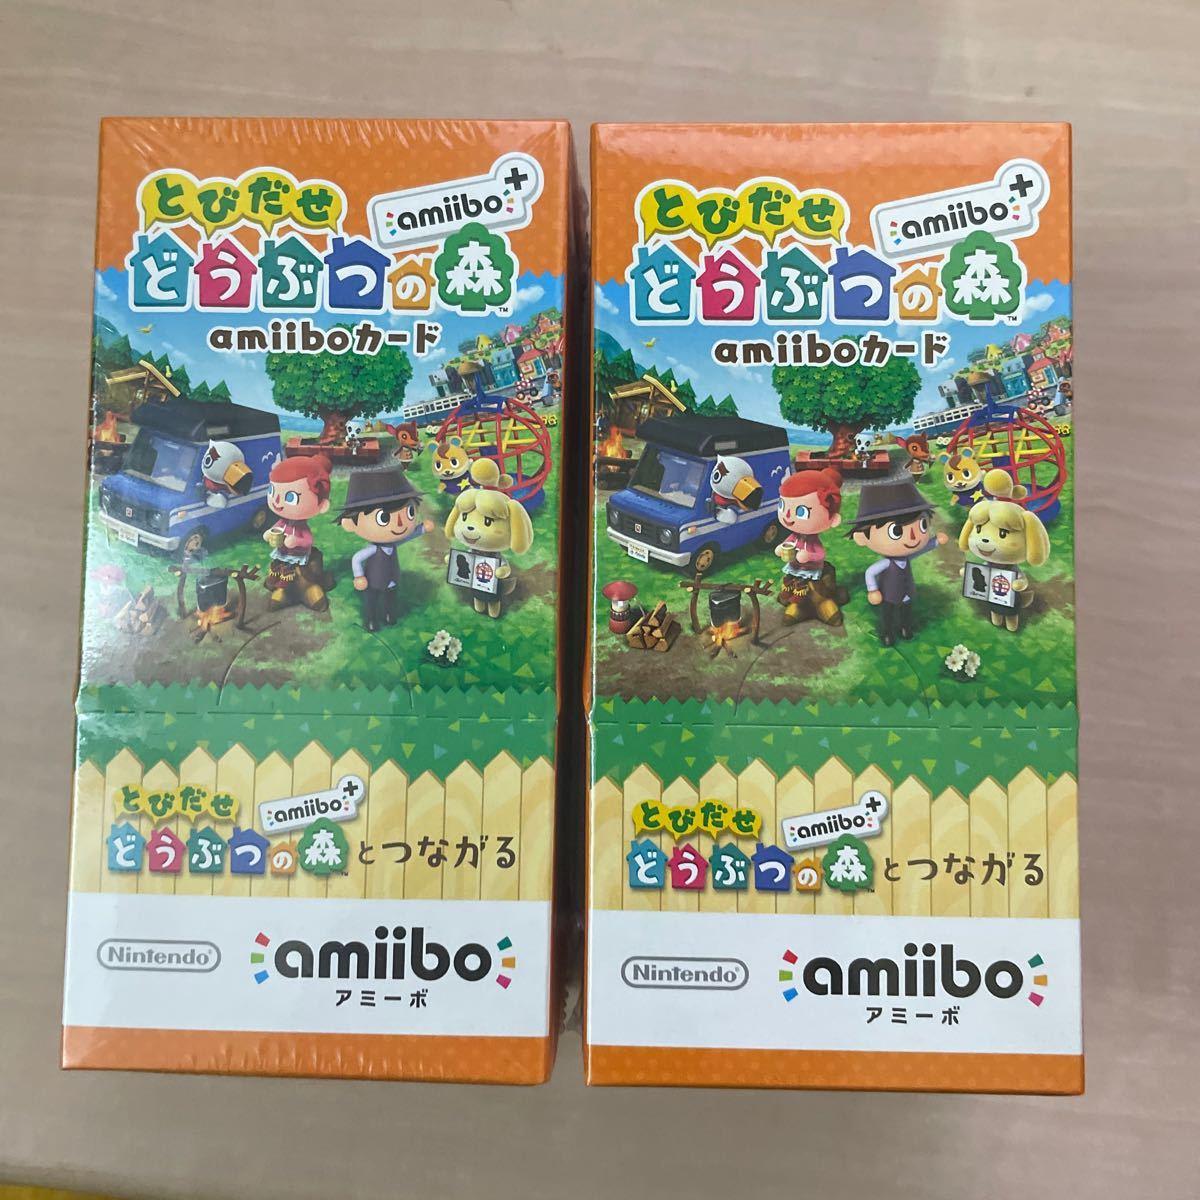 とびだせ どうぶつの森 amiibo amiiboカード switch box 2個セット